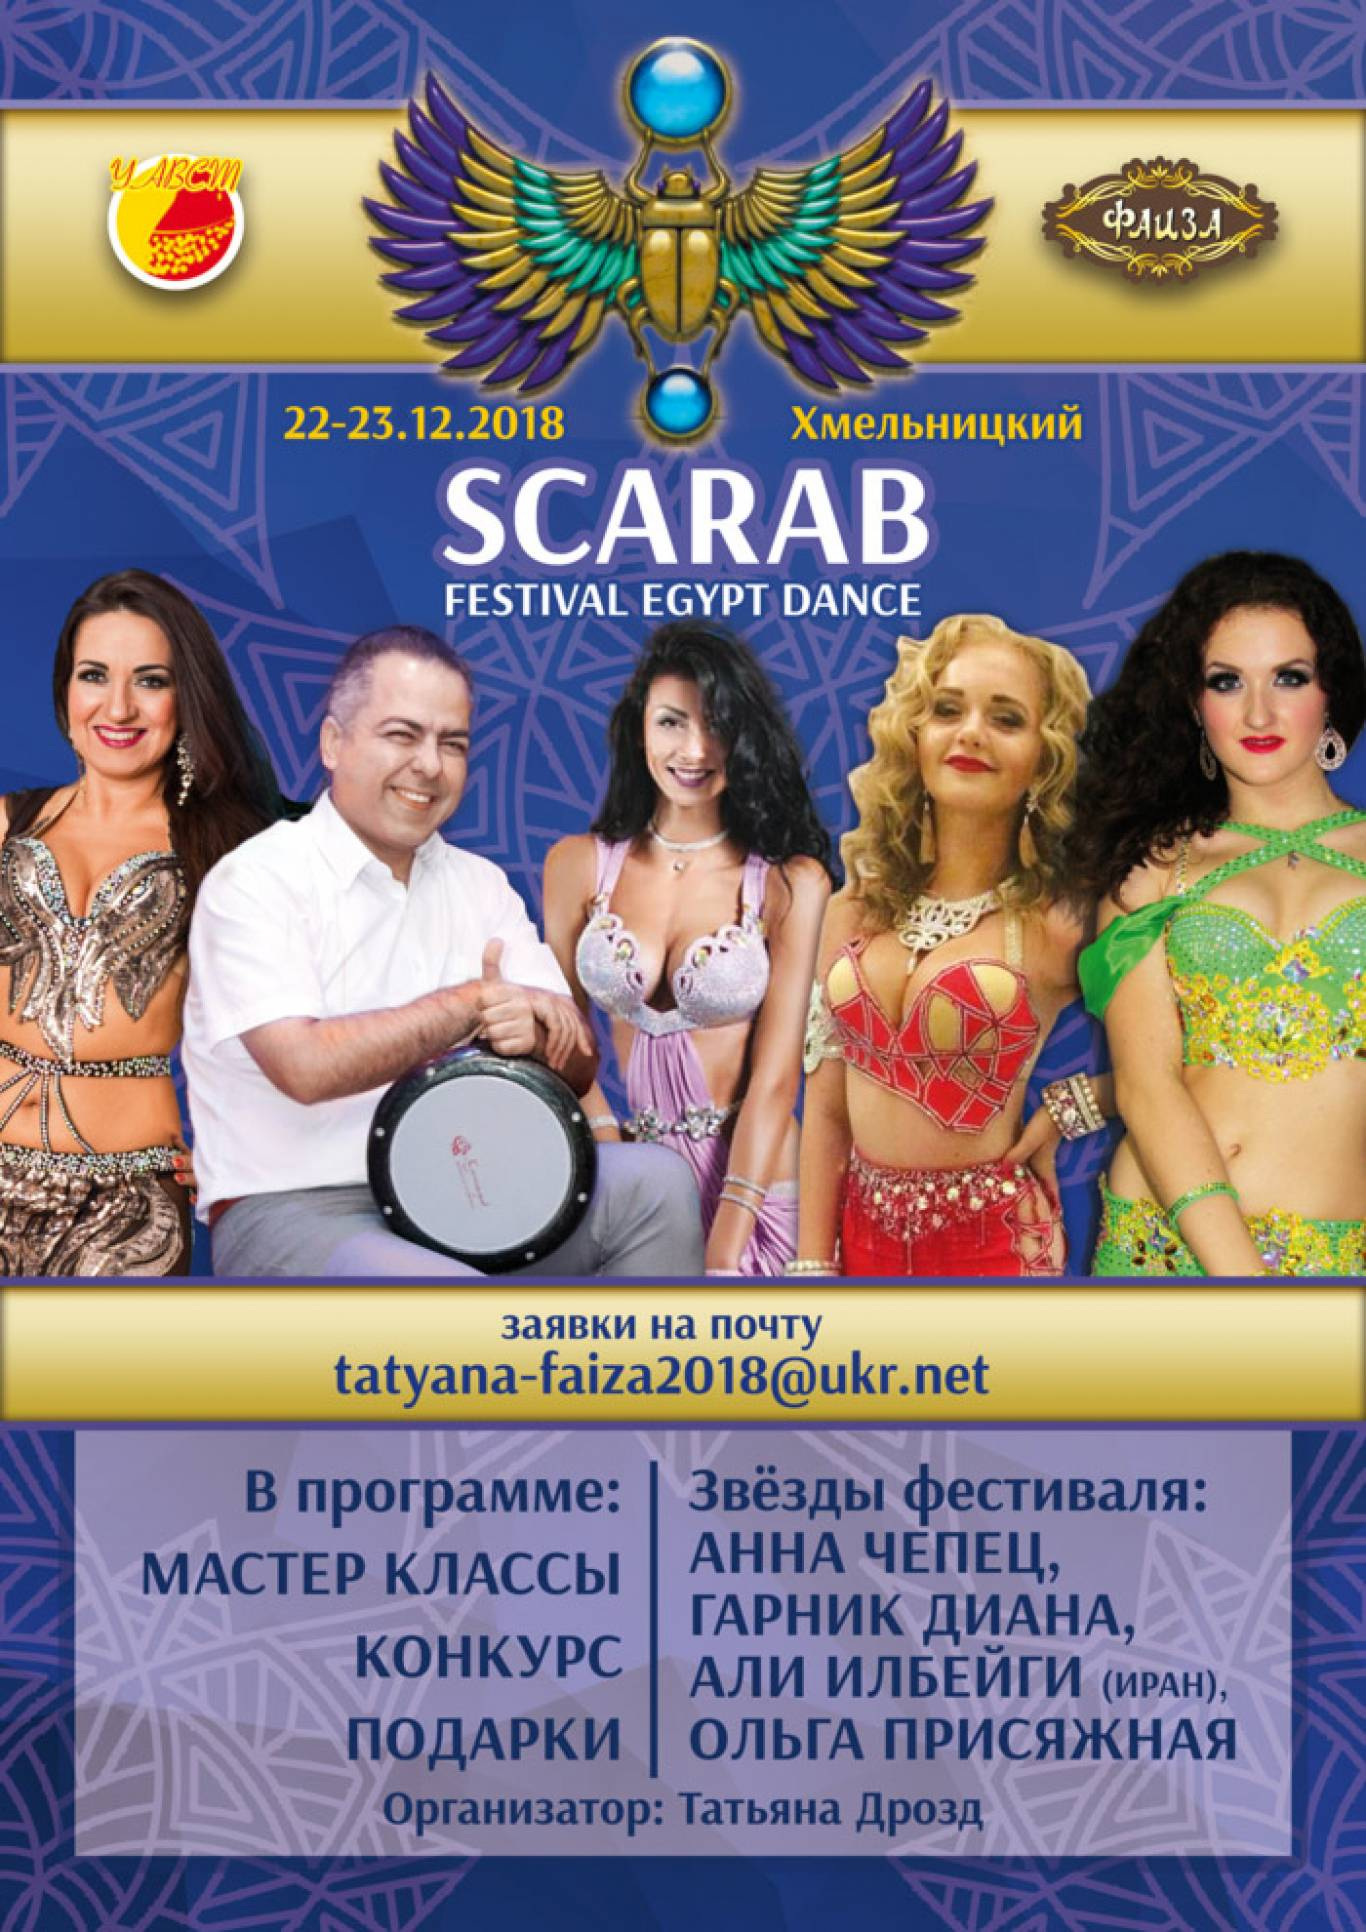 Фестиваль Єгипетського танцю SCARAB